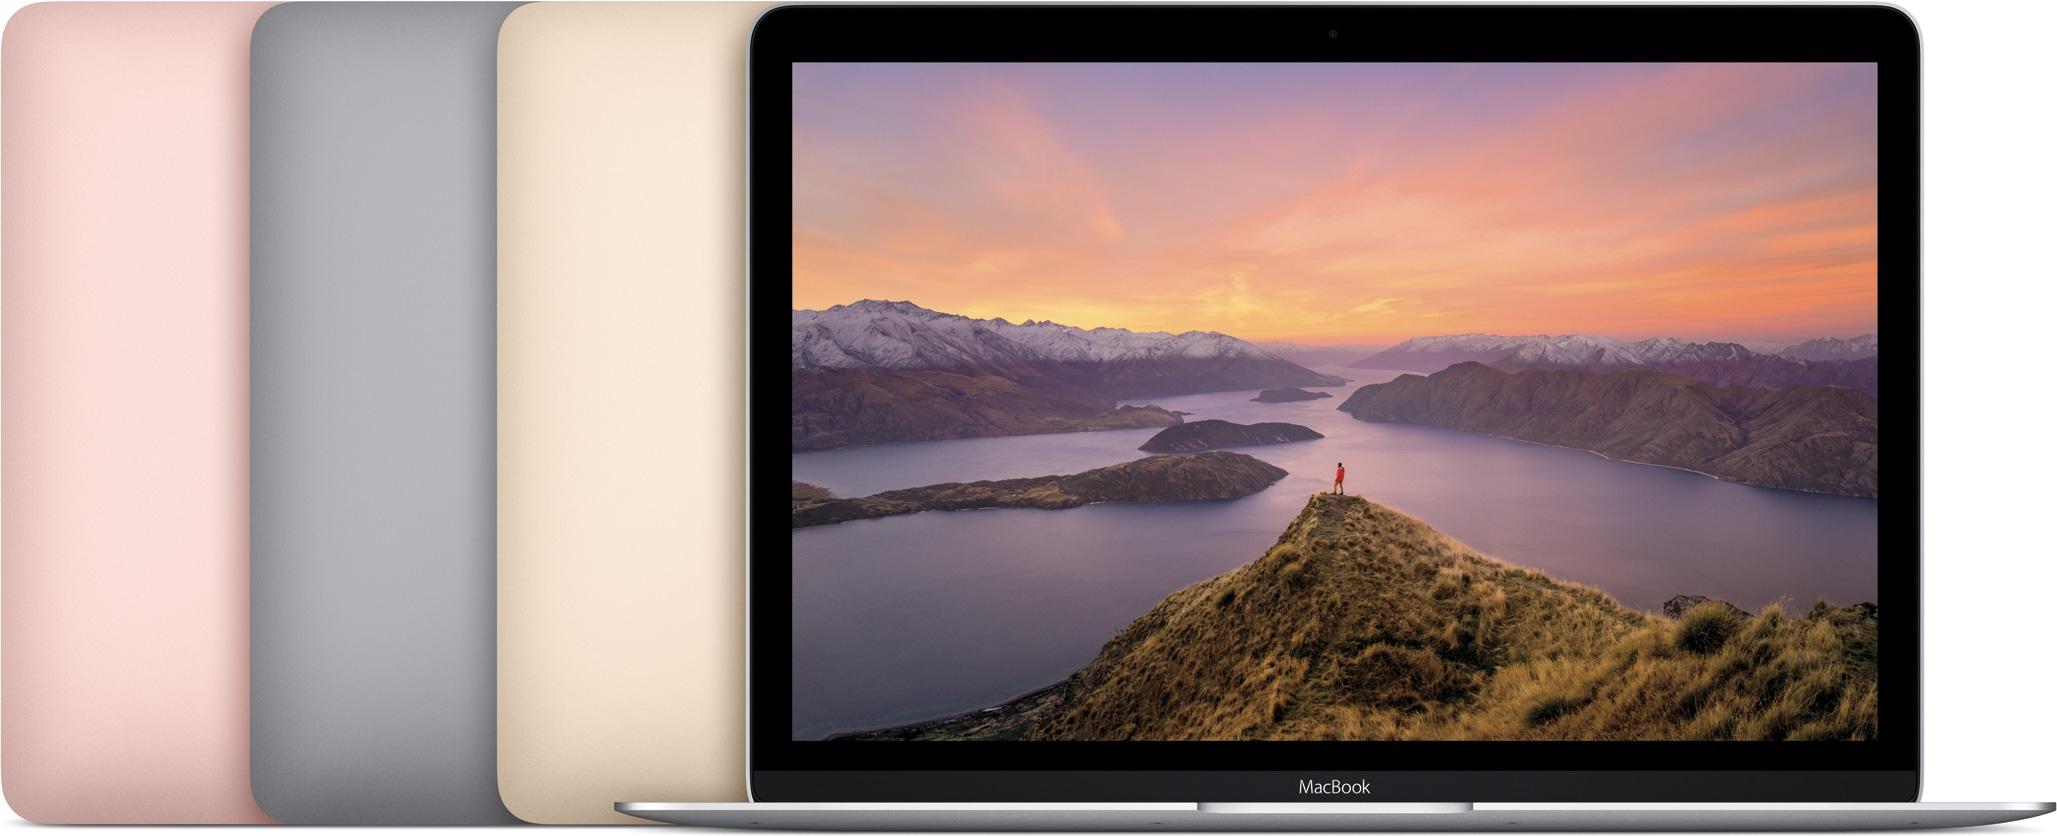 Novos MacBooks em todas as cores, de frente